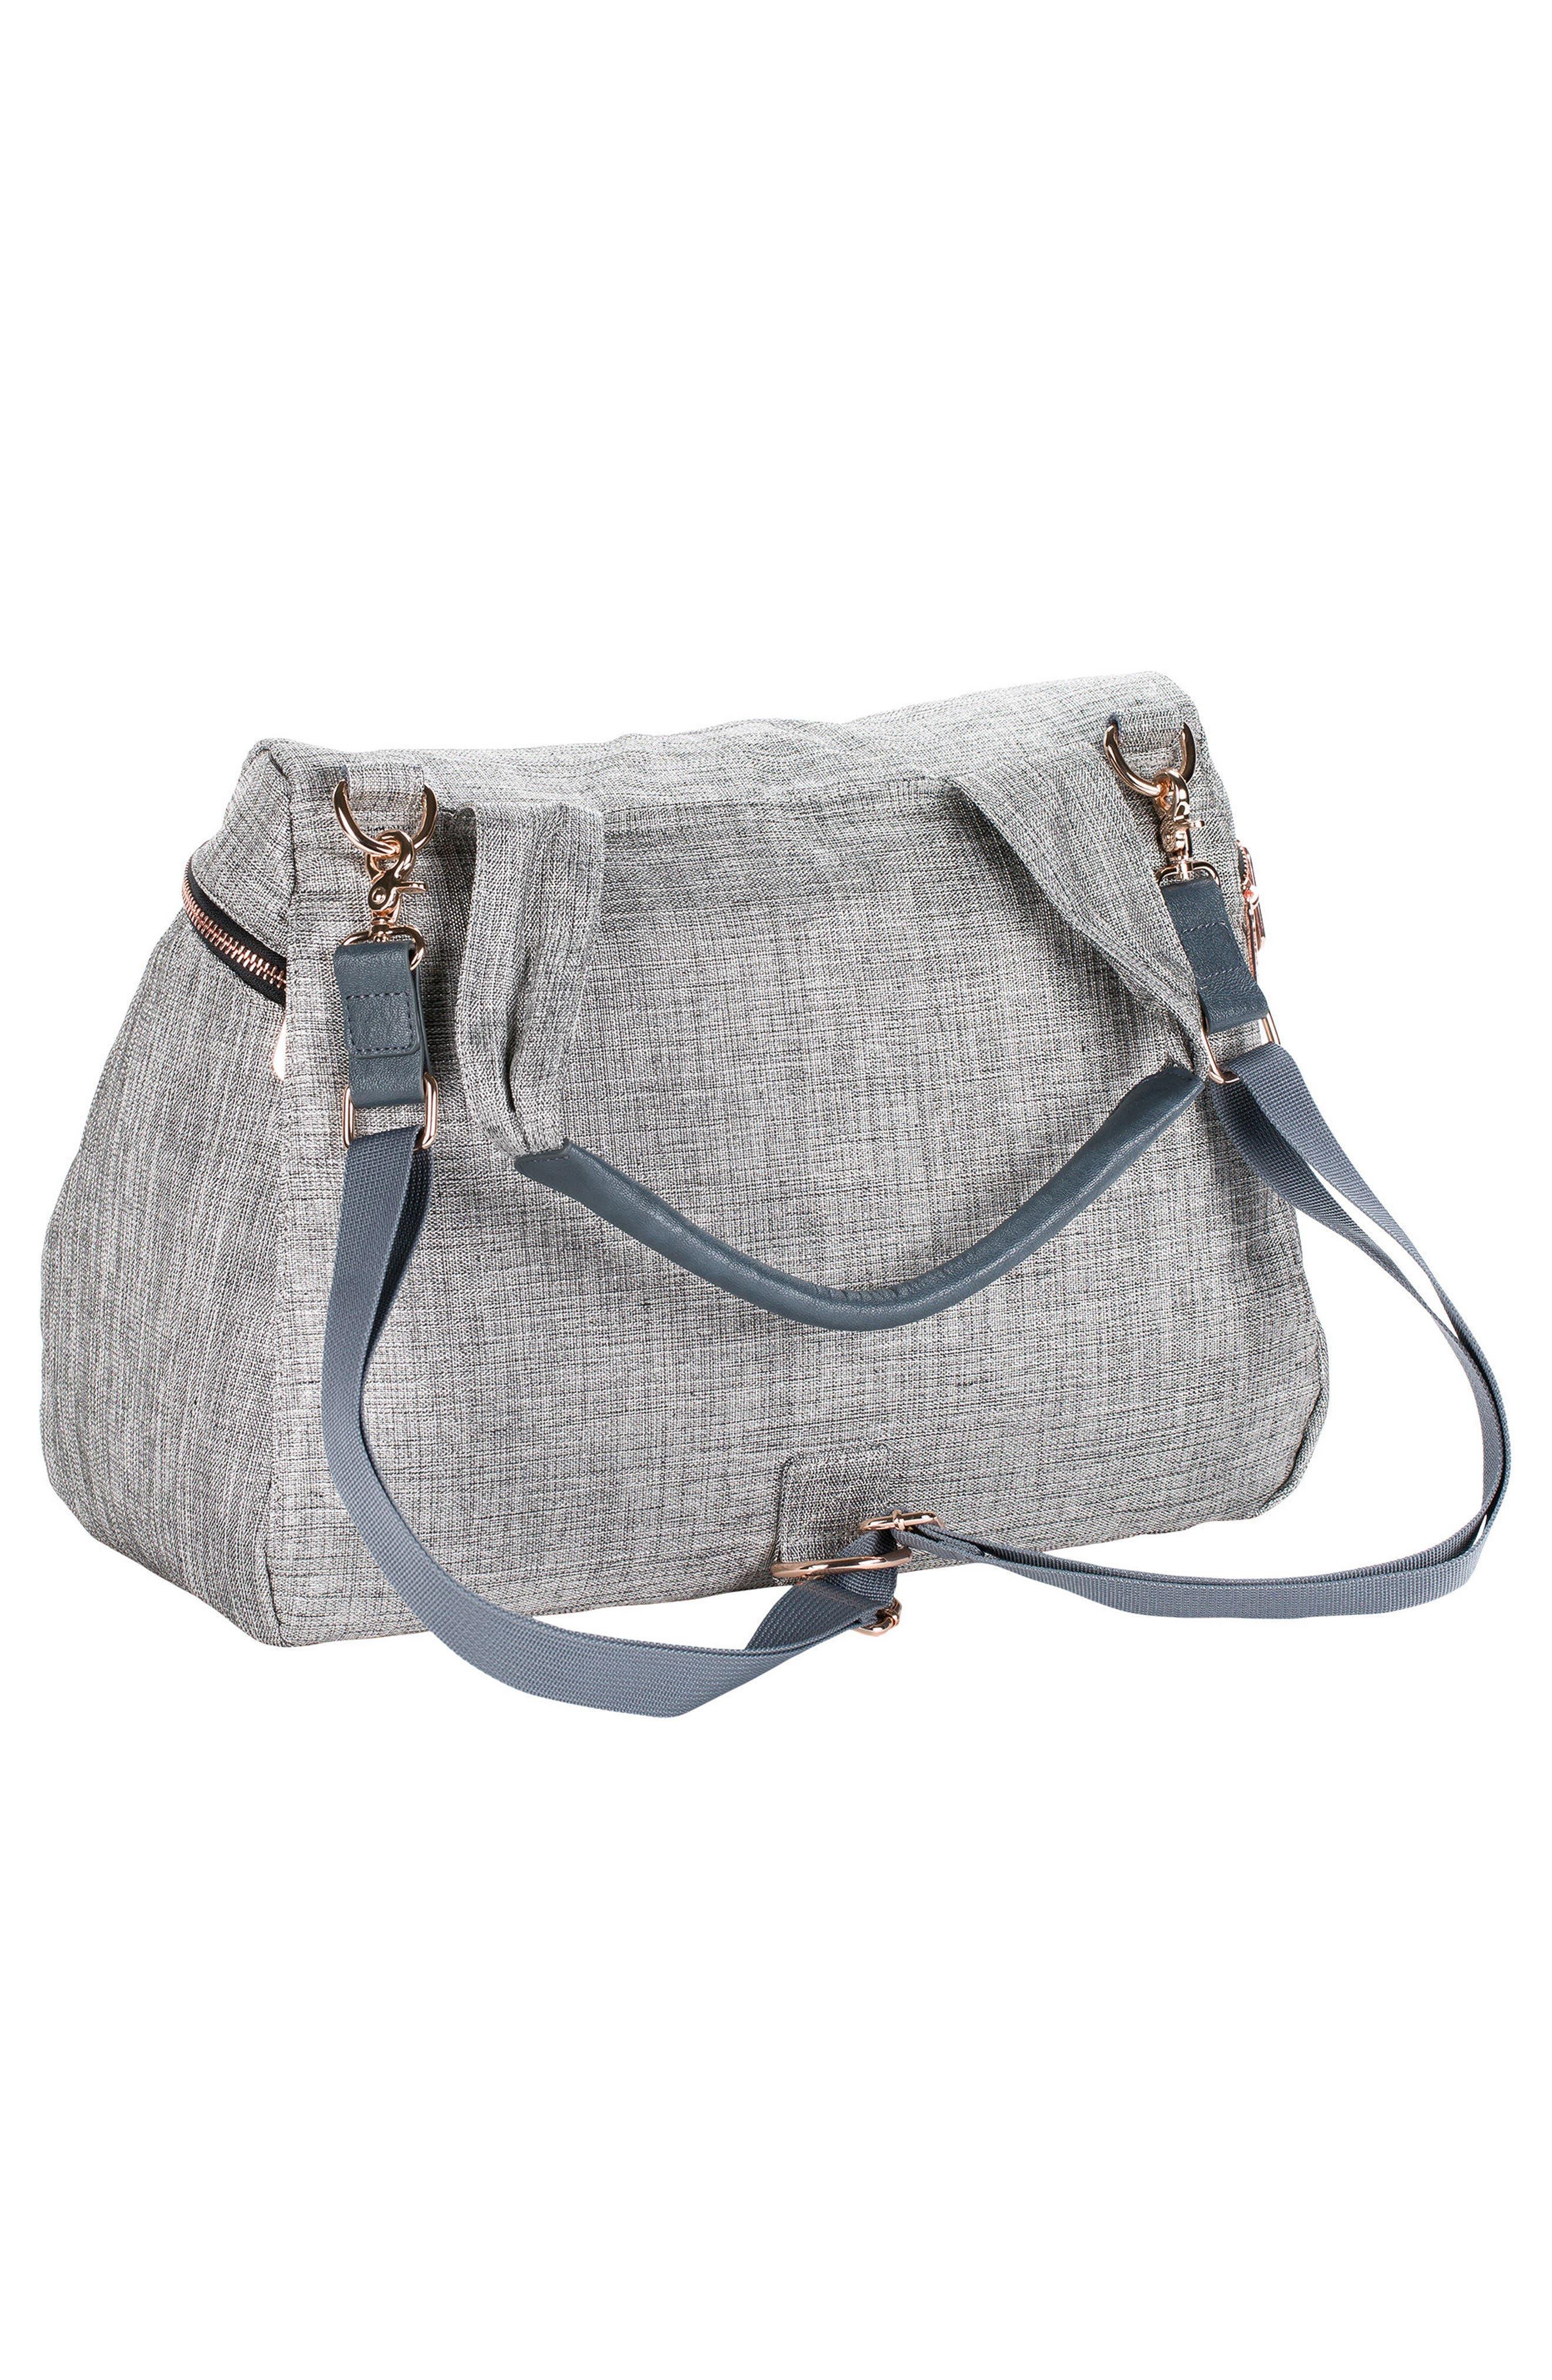 Glam Rosie Diaper Bag,                             Alternate thumbnail 2, color,                             Anthracite Glitter